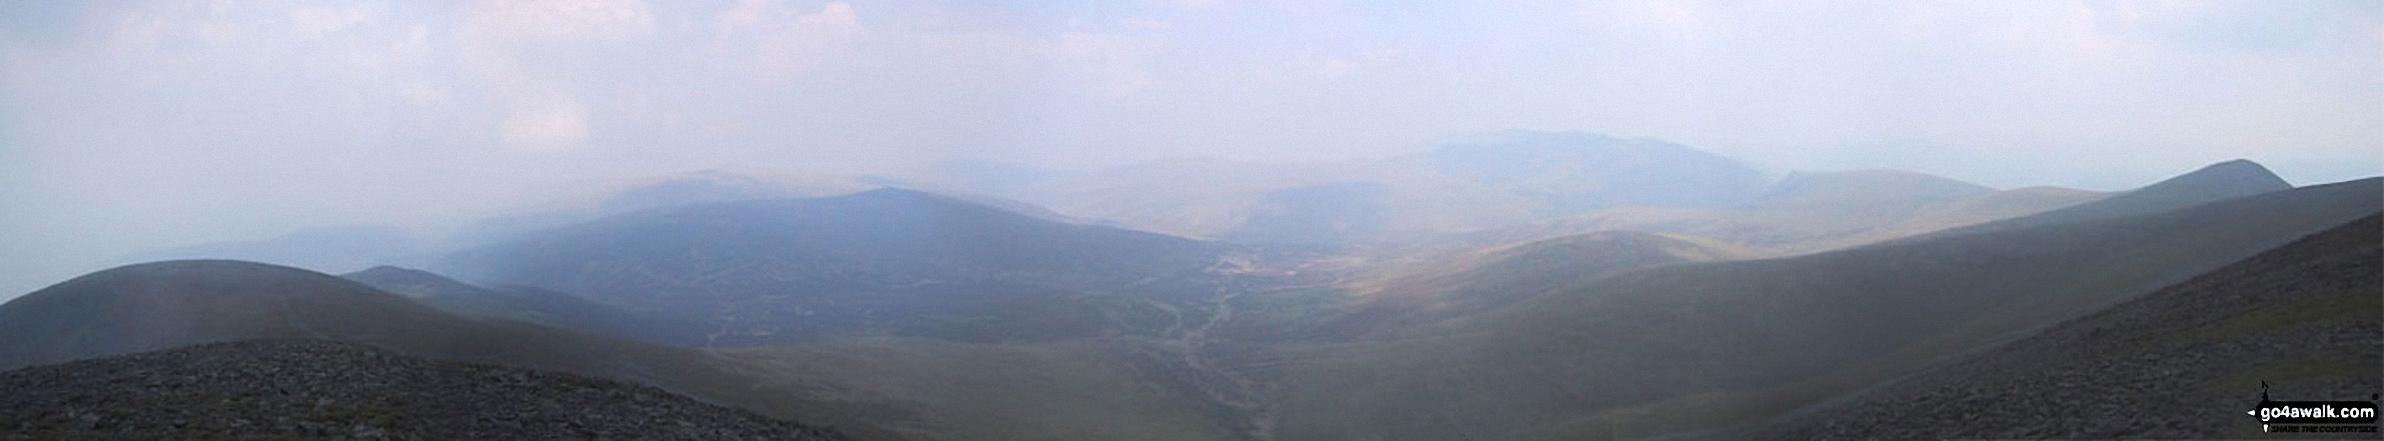 *Bakestall, Great Calva, Skiddaw House, Blencathra (Saddleback) and Lonscale Fell from Skiddaw